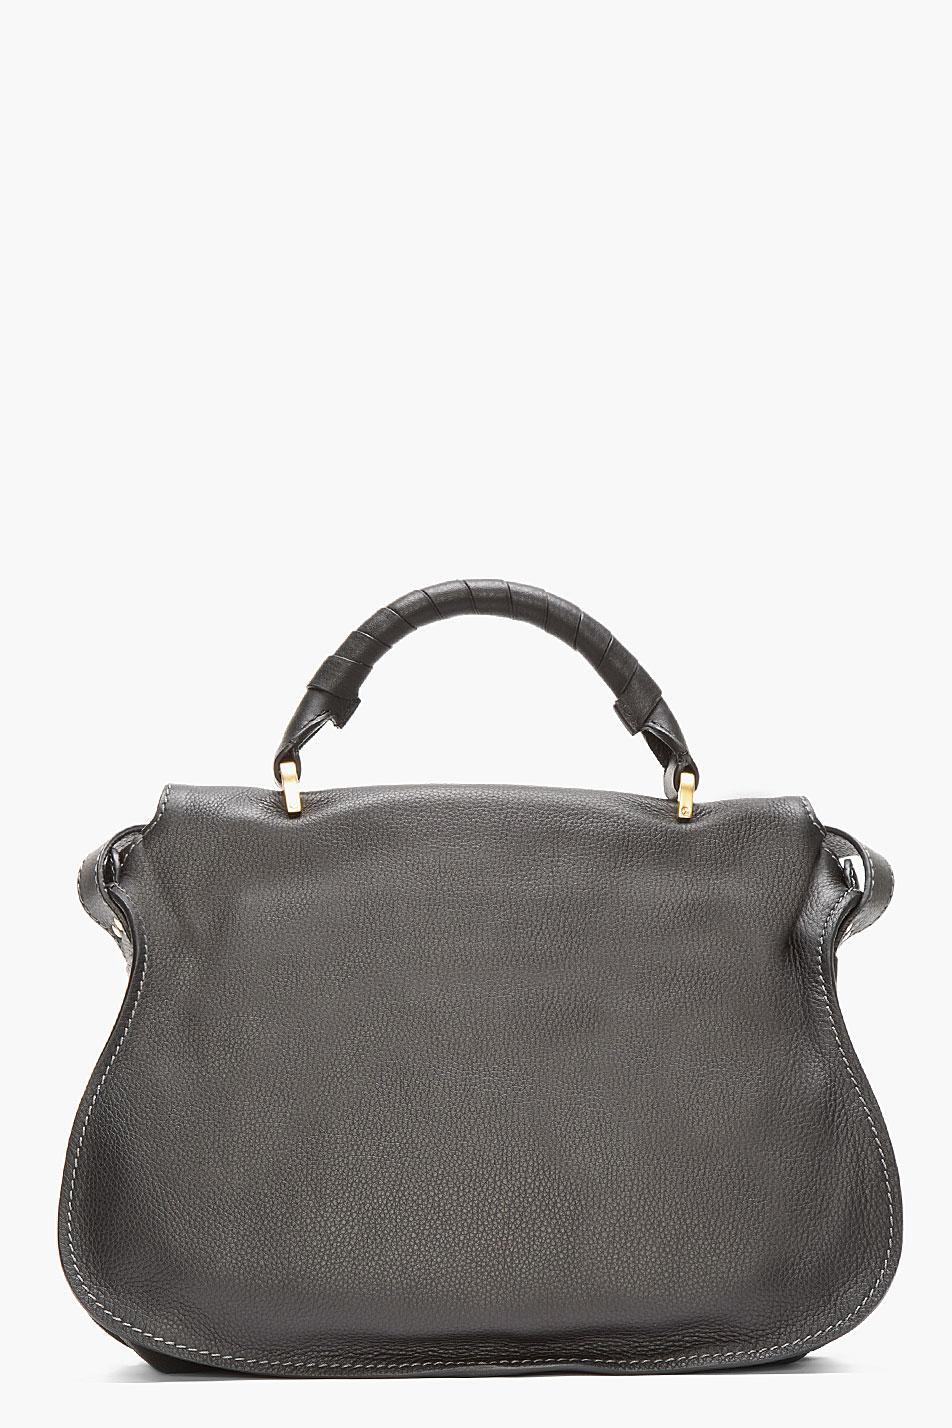 Chlo¨¦ Black Leather Medium Marcie Handbag in Black | Lyst